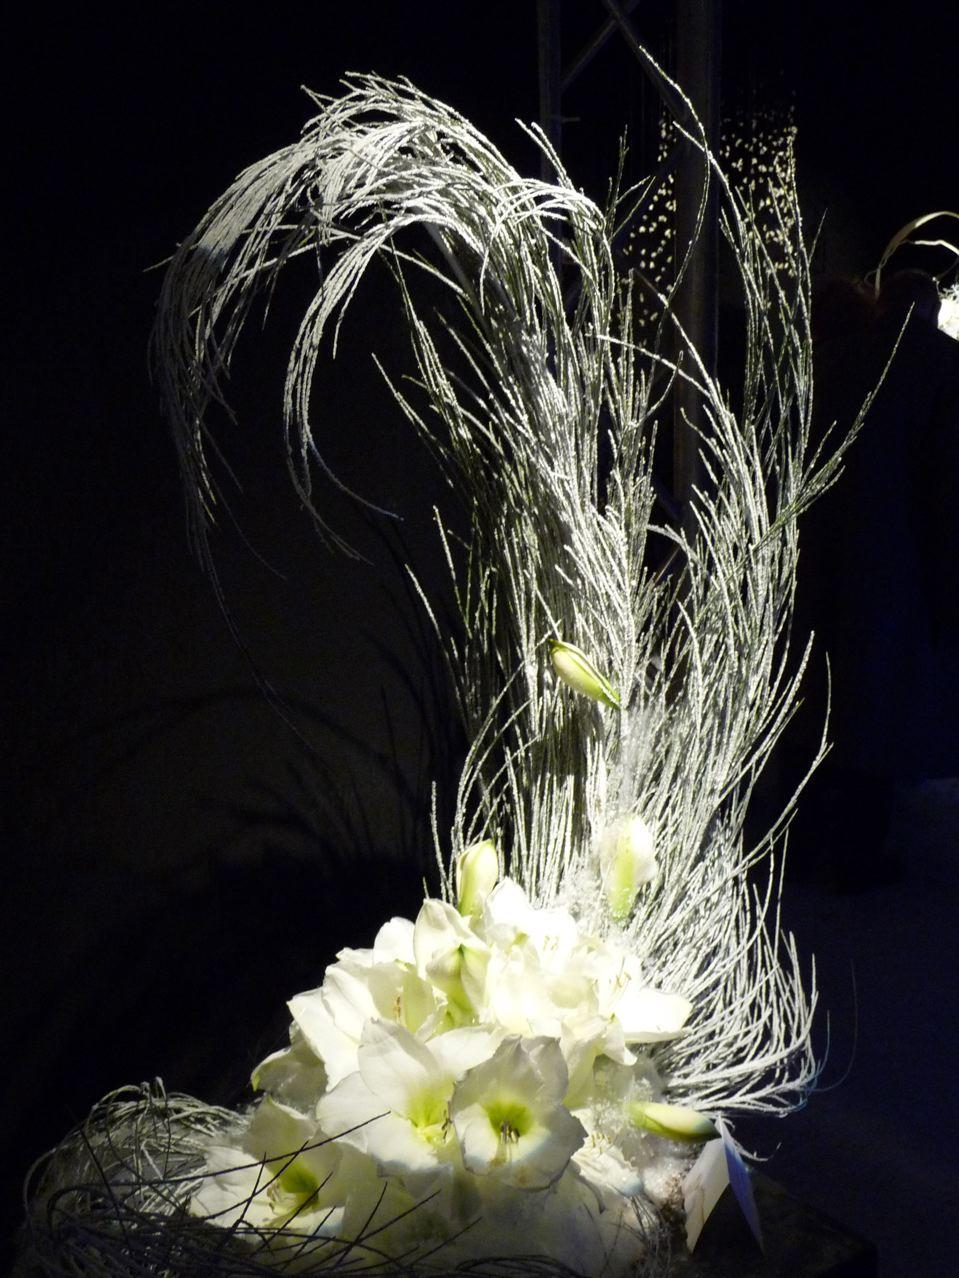 Art floral de Noël, création de Suzanne Enjalbal (association Bouquets d'Occitanie), exposition Tempête de neige (SNHF), Paris (75), décembre 2009, photo Alain Delavie